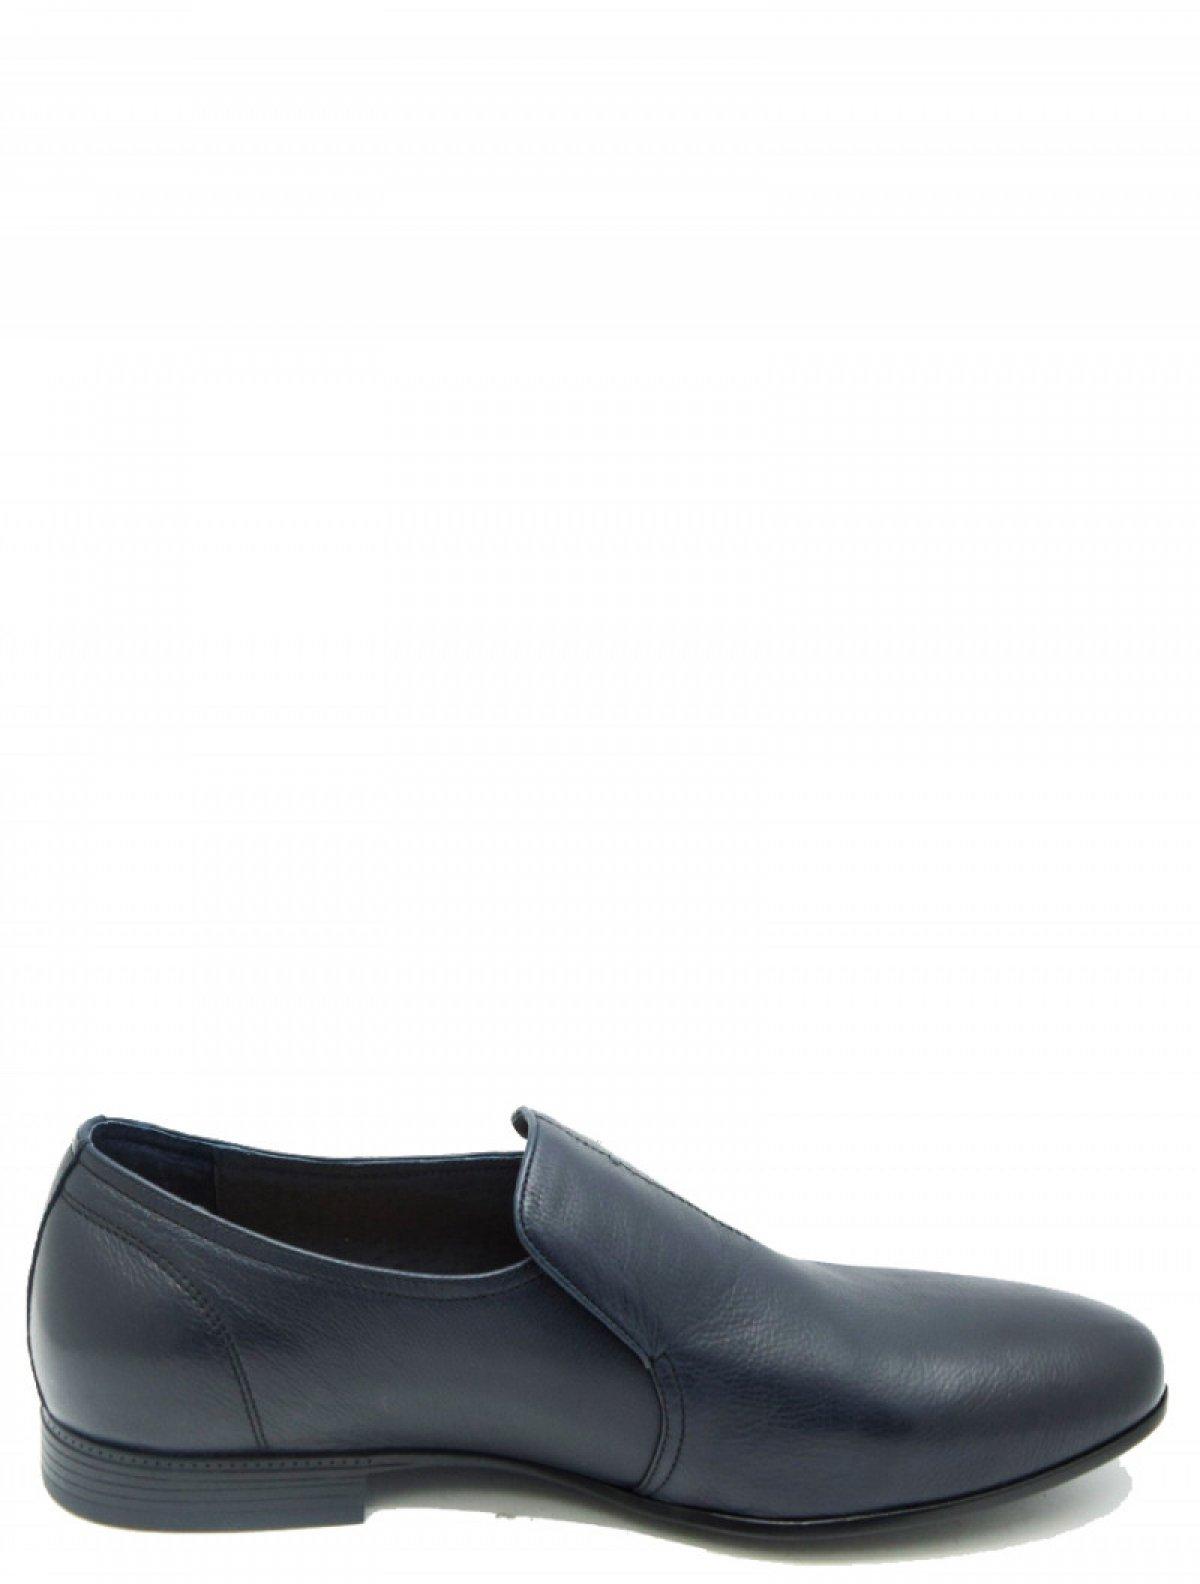 Hortos 687414/04-02 мужские туфли